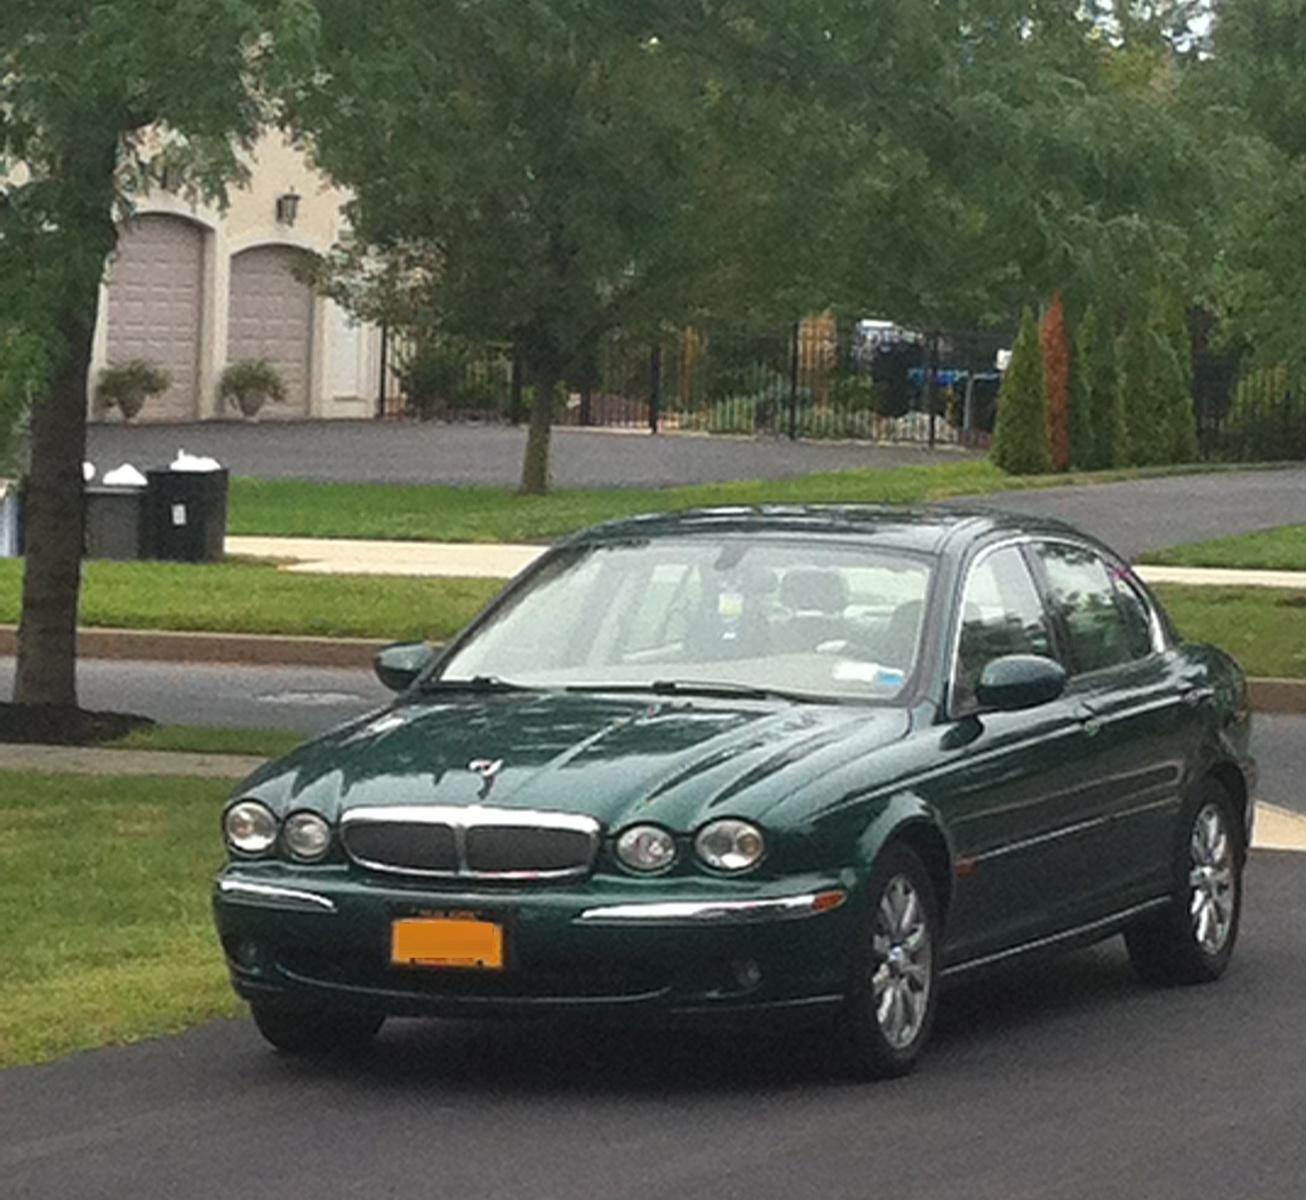 2005 Jaguar X-Type - Pictures - CarGurus